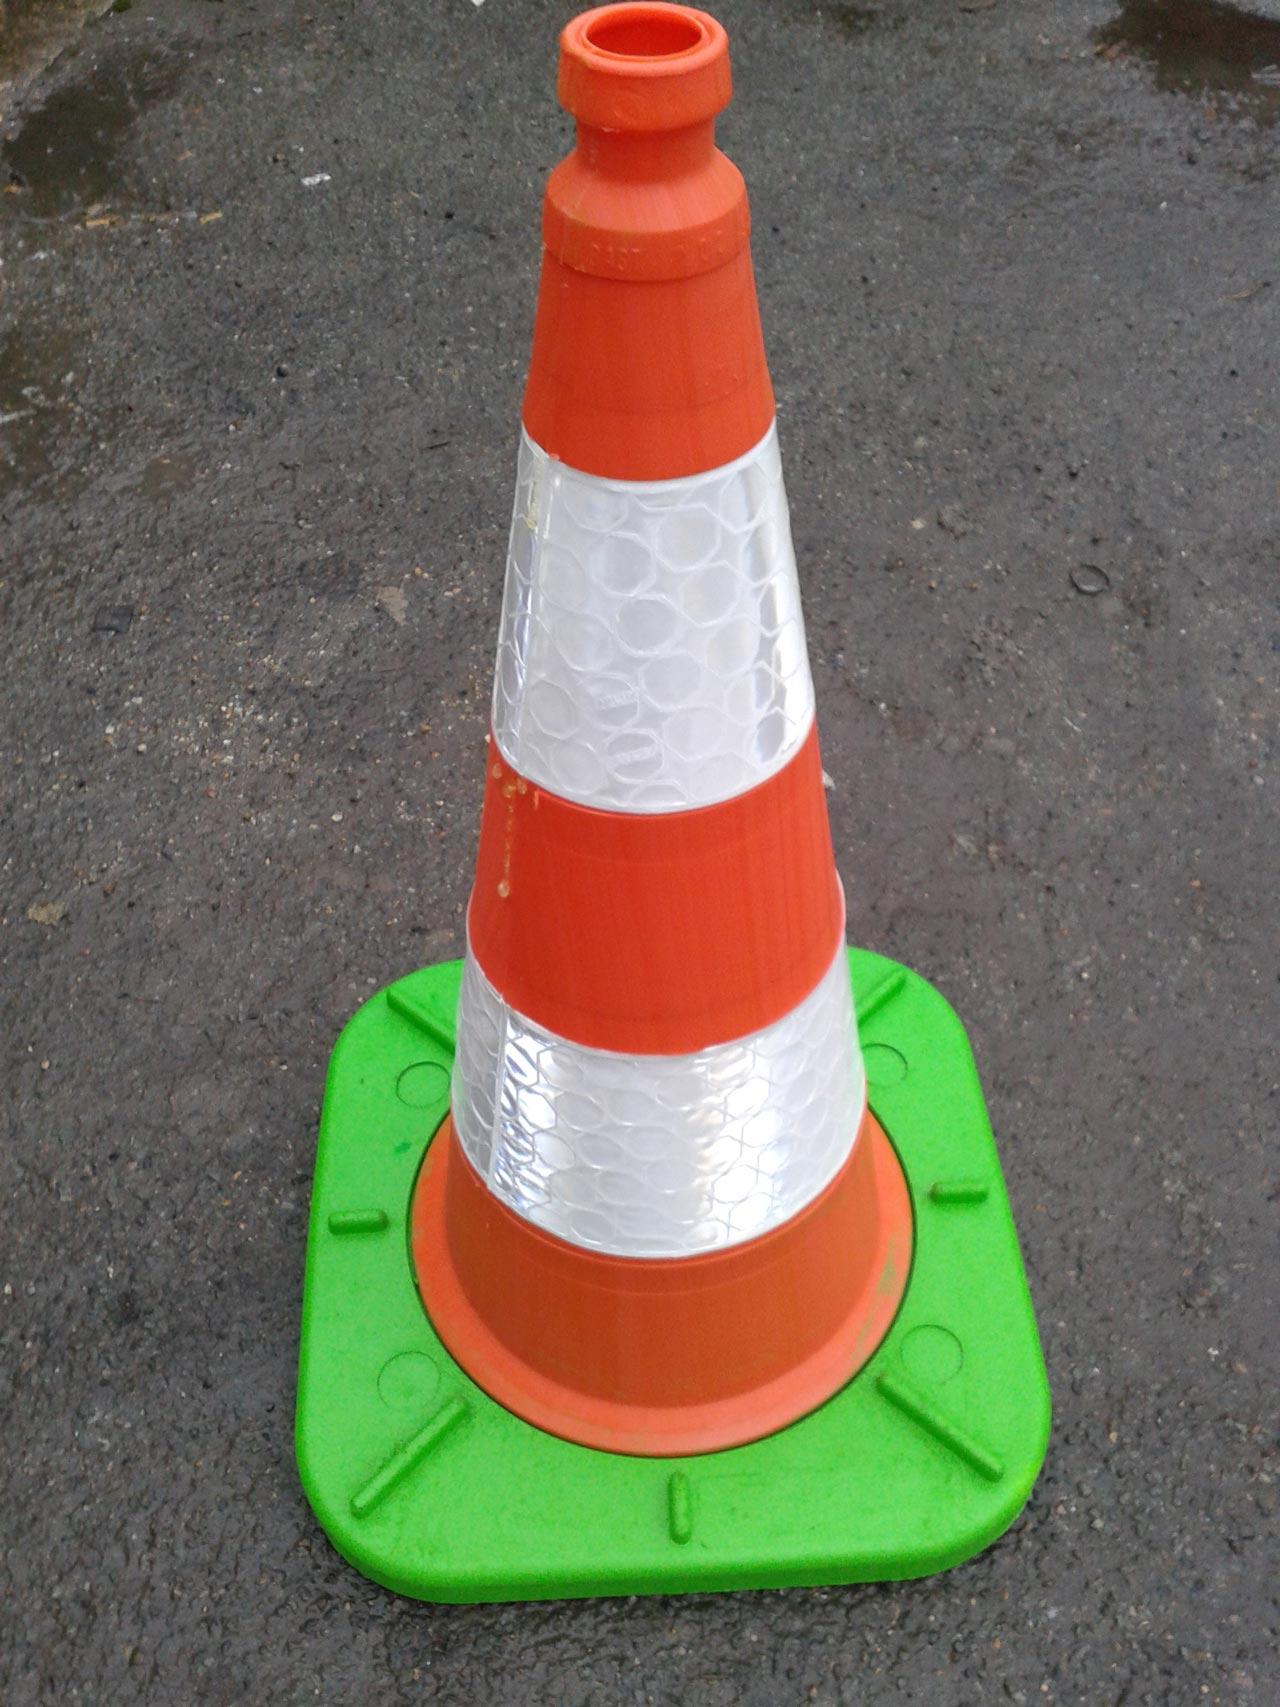 Ht - Cone de signalisation ...